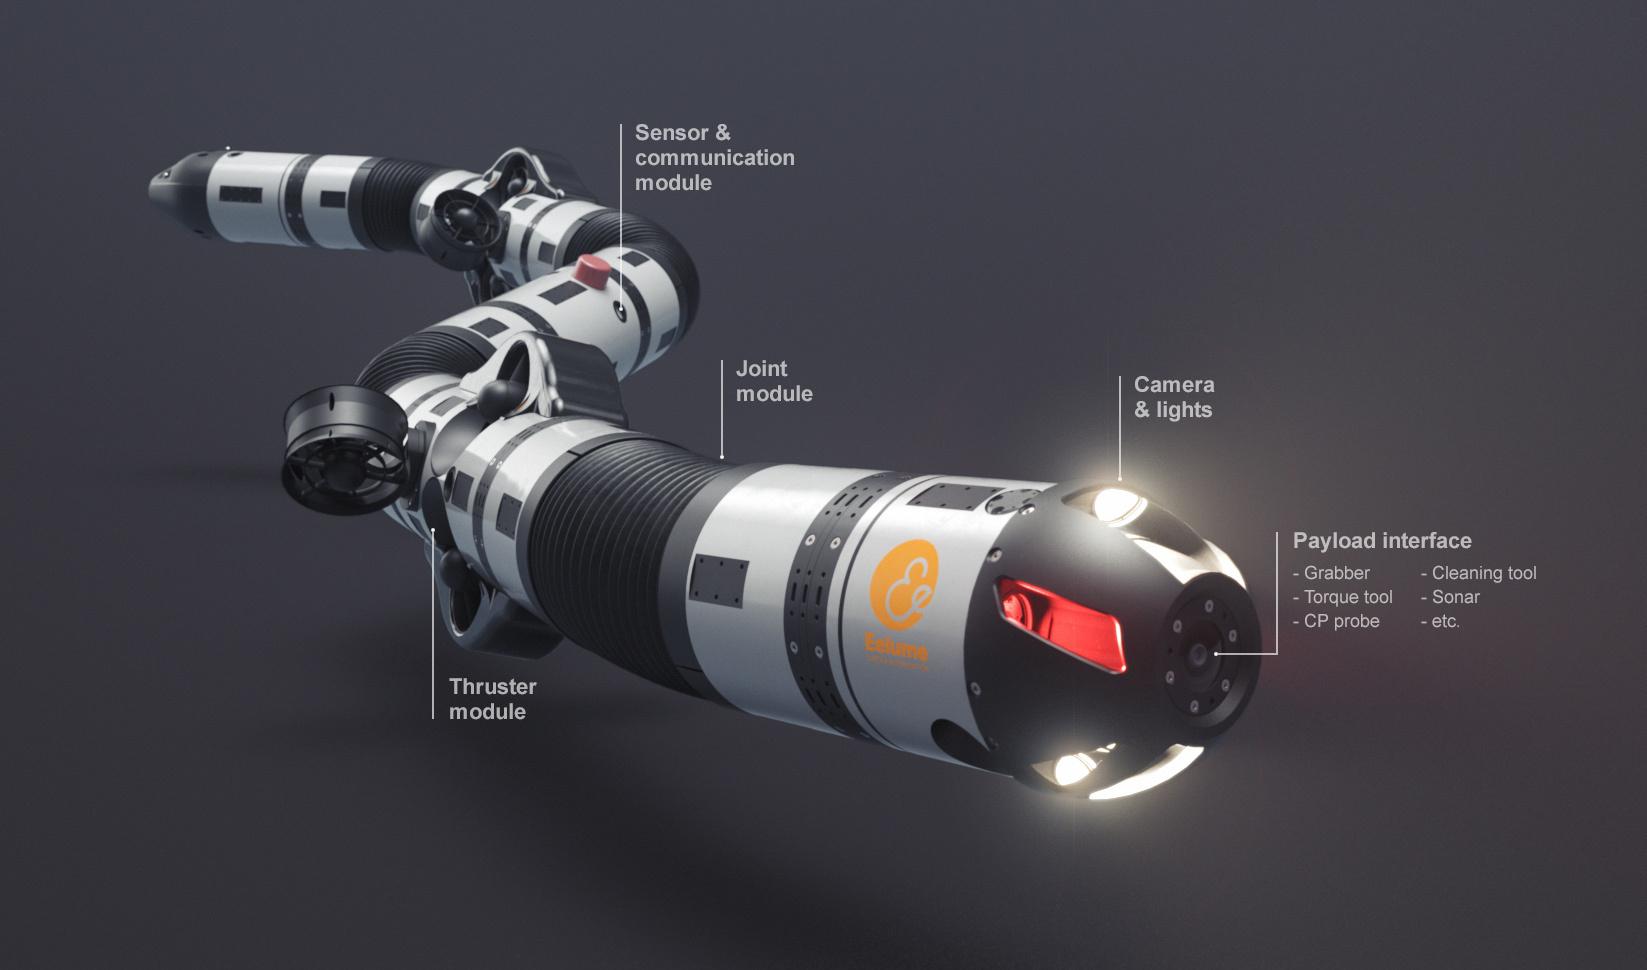 Първият подводен автономен робот се появи